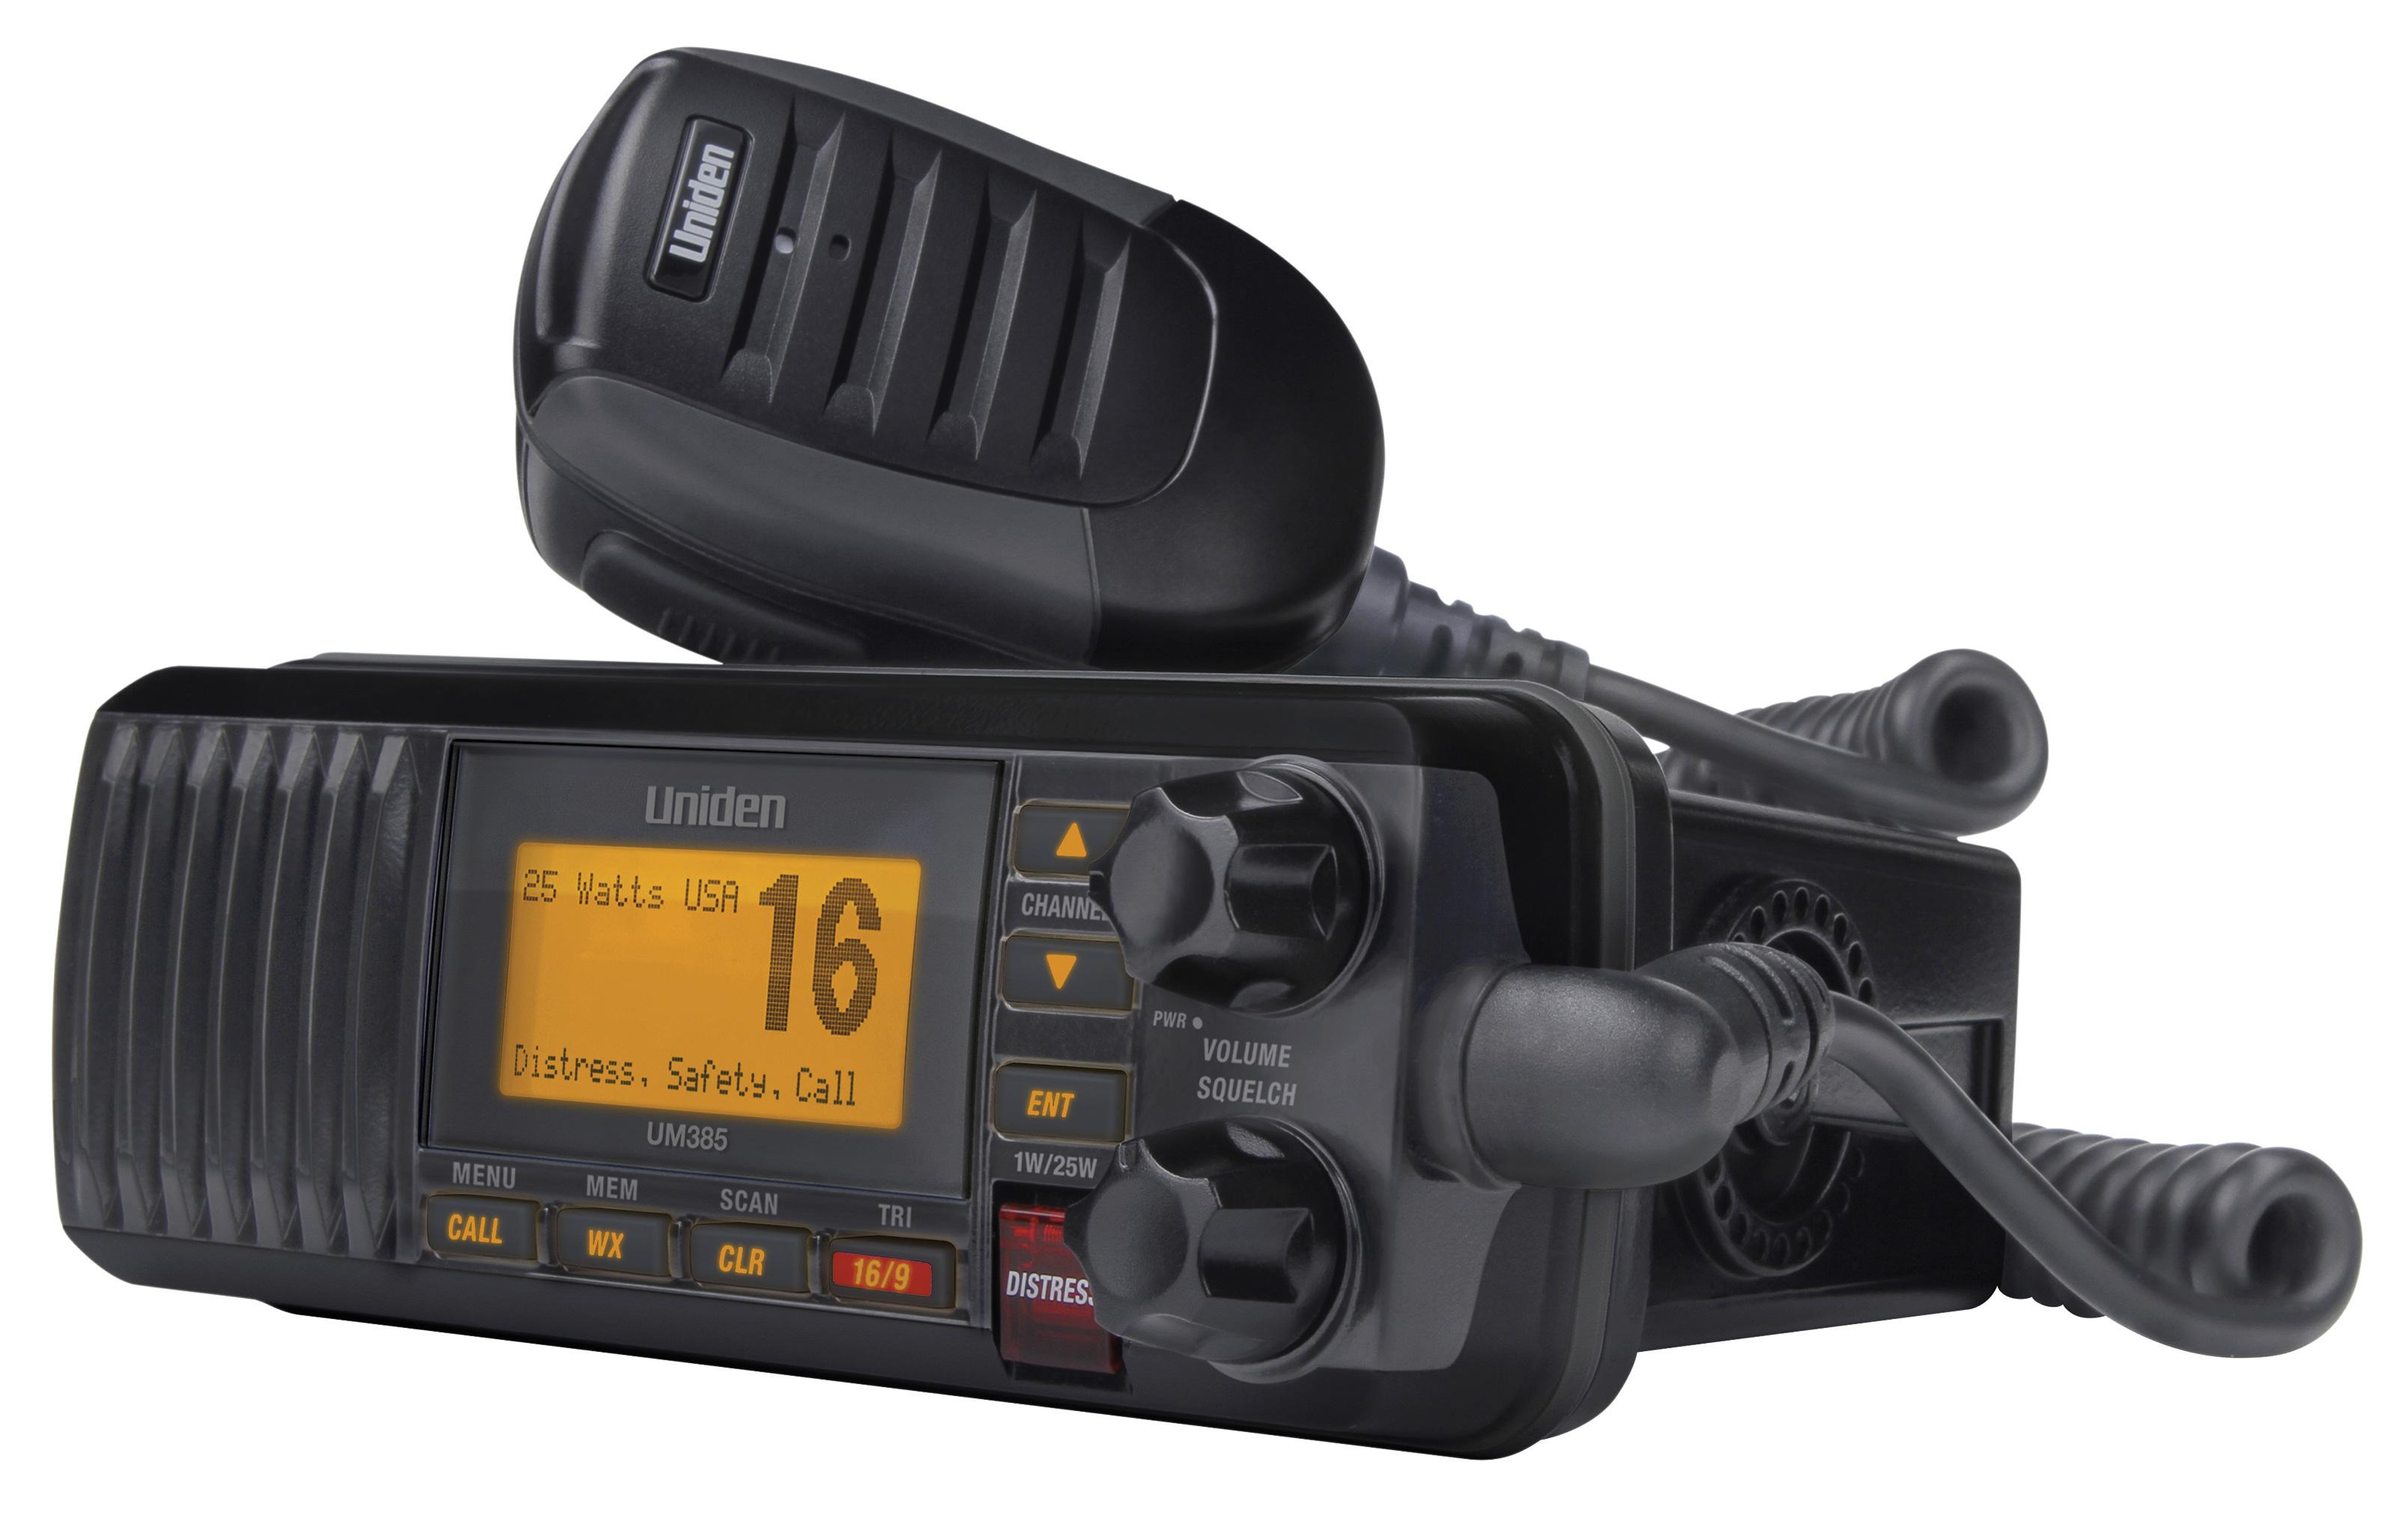 Uniden UM380 Solara D Marine Radio (Black)